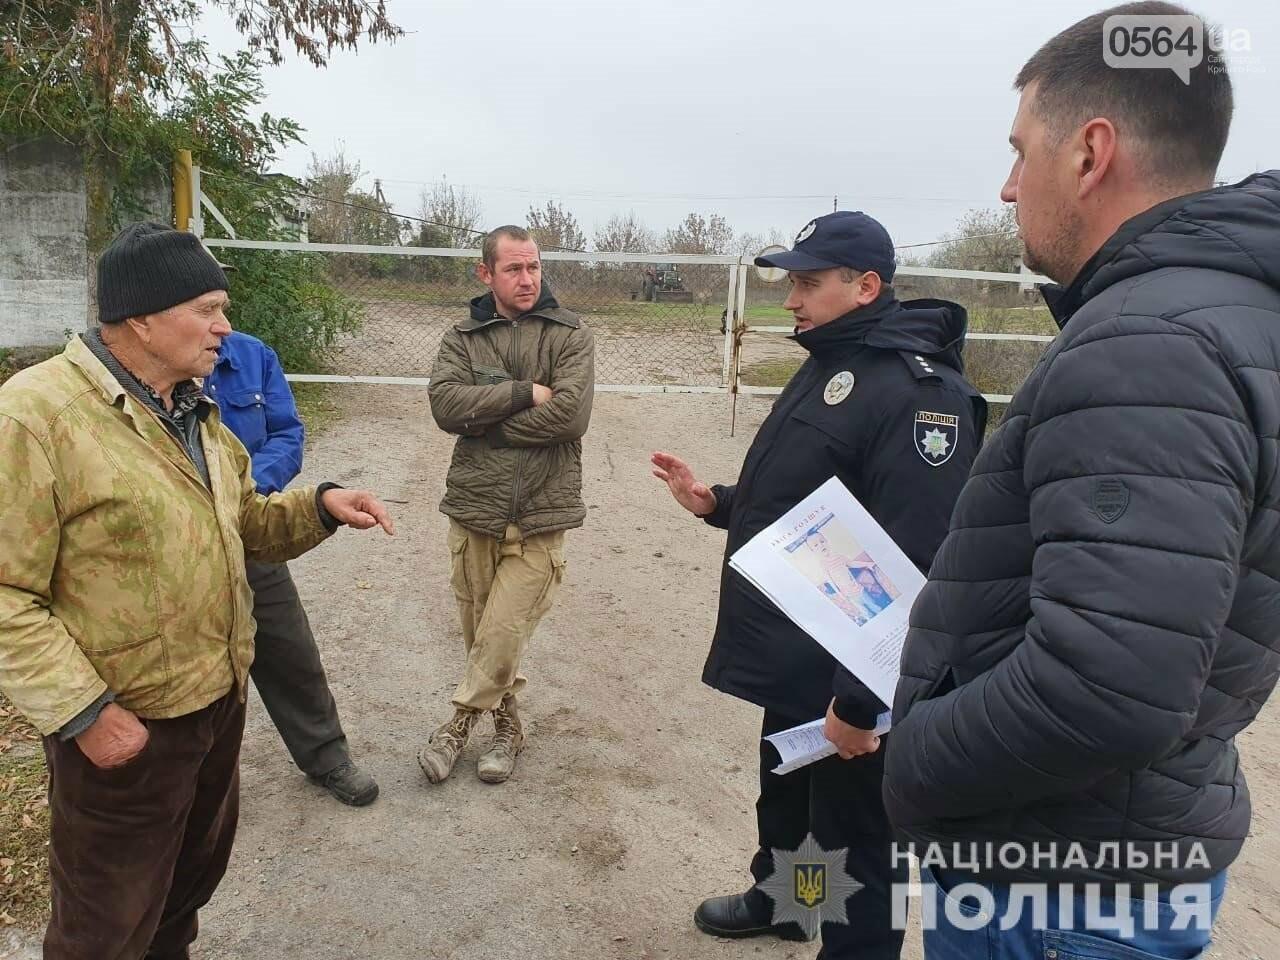 На Днепропетровщине всю ночь искали пропавшего 2-летнего малыша. Нашли утром на дне оврага, - ФОТО, фото-3